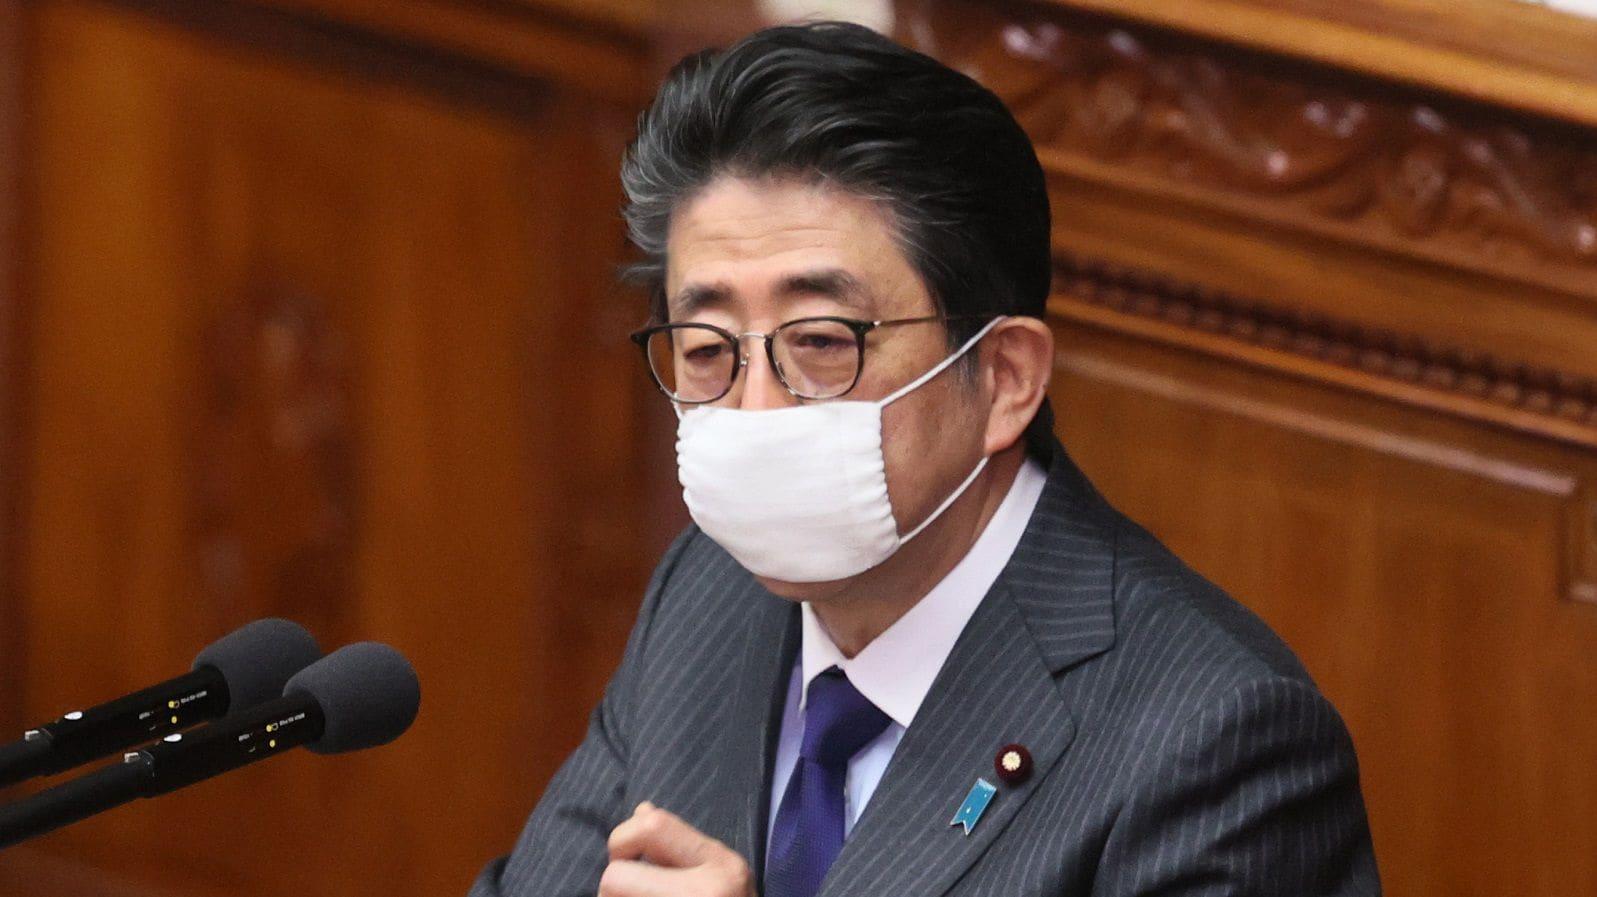 マスク 安倍 安倍首相の主張「アベノマスクで在庫放出に成果」が怪しい訳